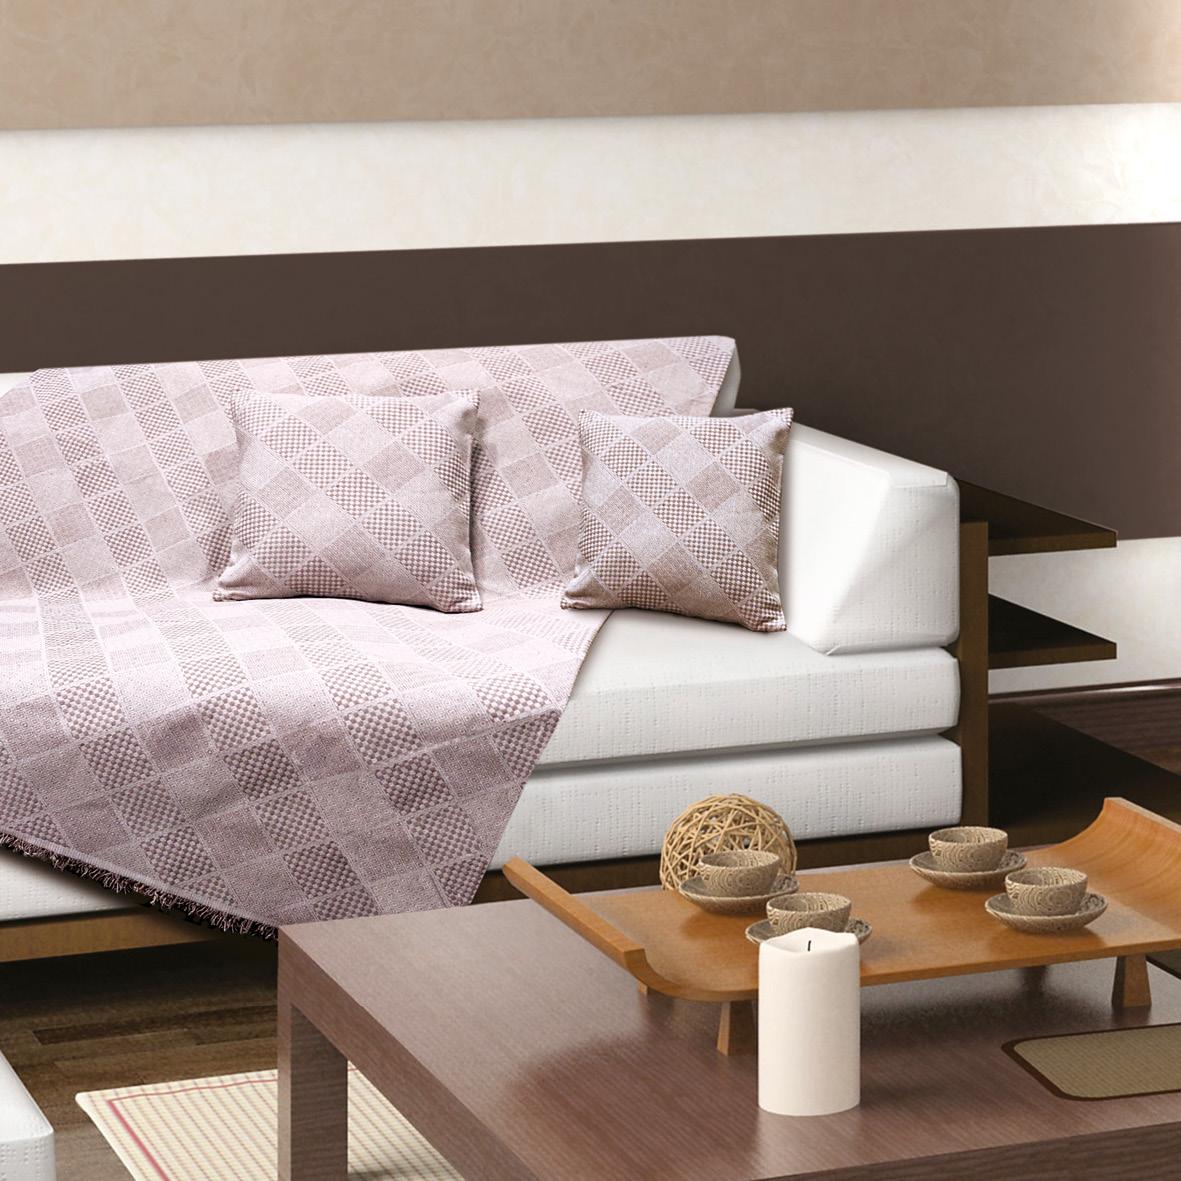 Διακοσμητική Μαξιλαροθήκη Polycotton 40×40εκ. Orlando Dusty Sb home (Ύφασμα: 80% Cotton – 20% Polyester, Χρώμα: Σάπιο Μήλο ) – Sb home – 5206864061675